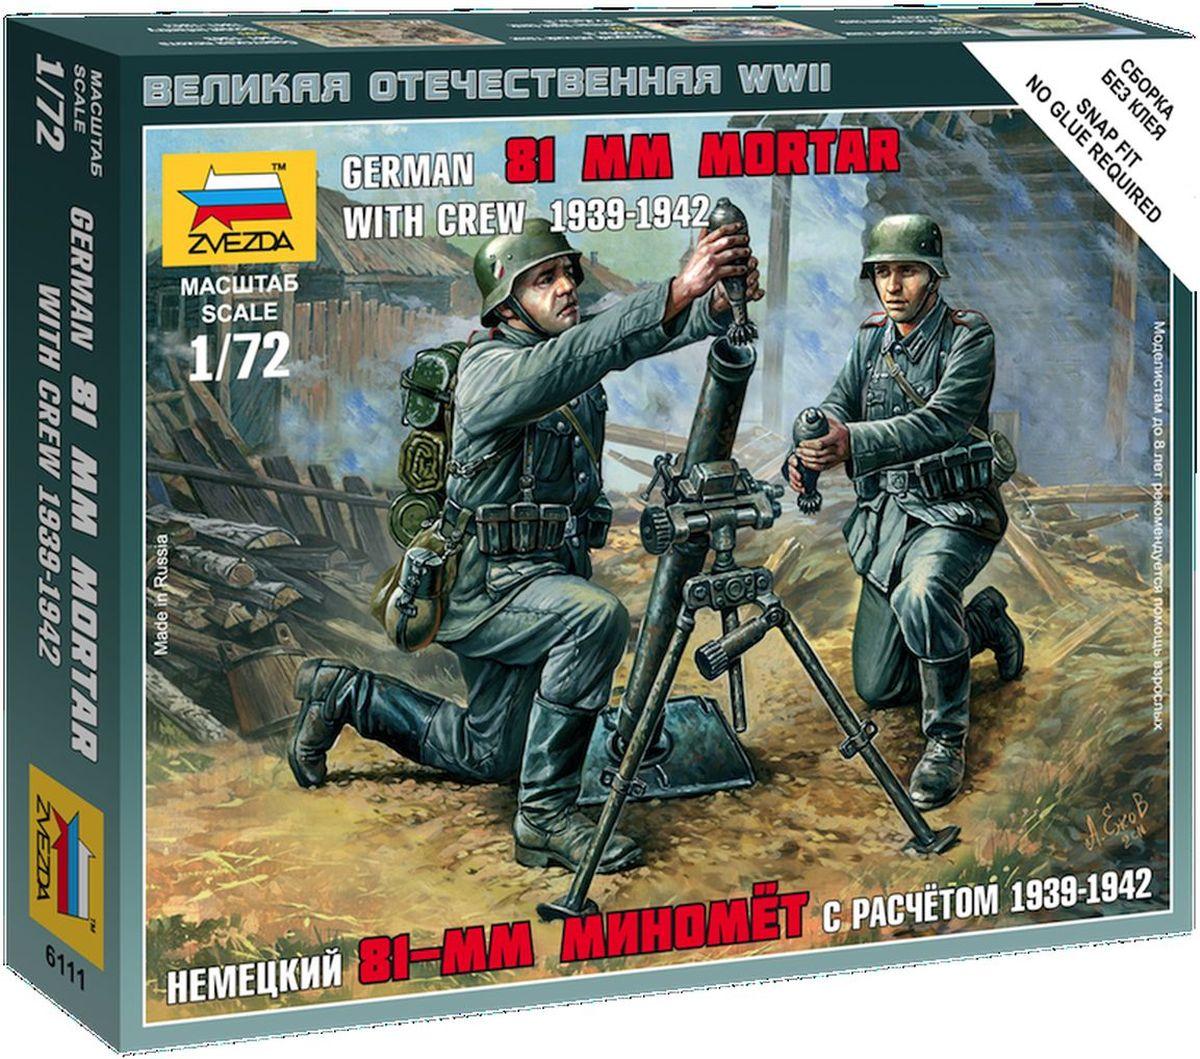 6111 Немецкий 81-мм миномет с расчетом 1939-19426111В набор входит два миномета с расчетами. Минометы собираются как отдельной моделью, для коллекционеров, так и на рельефной подставке вместе с расчетом для игроков. 81-мм миномет состоял на вооружении пехотных батальонов. В годы второй мировой войны 81-мм миномет зарекомендовал себя как надежное оружие поддержки для пехоты.